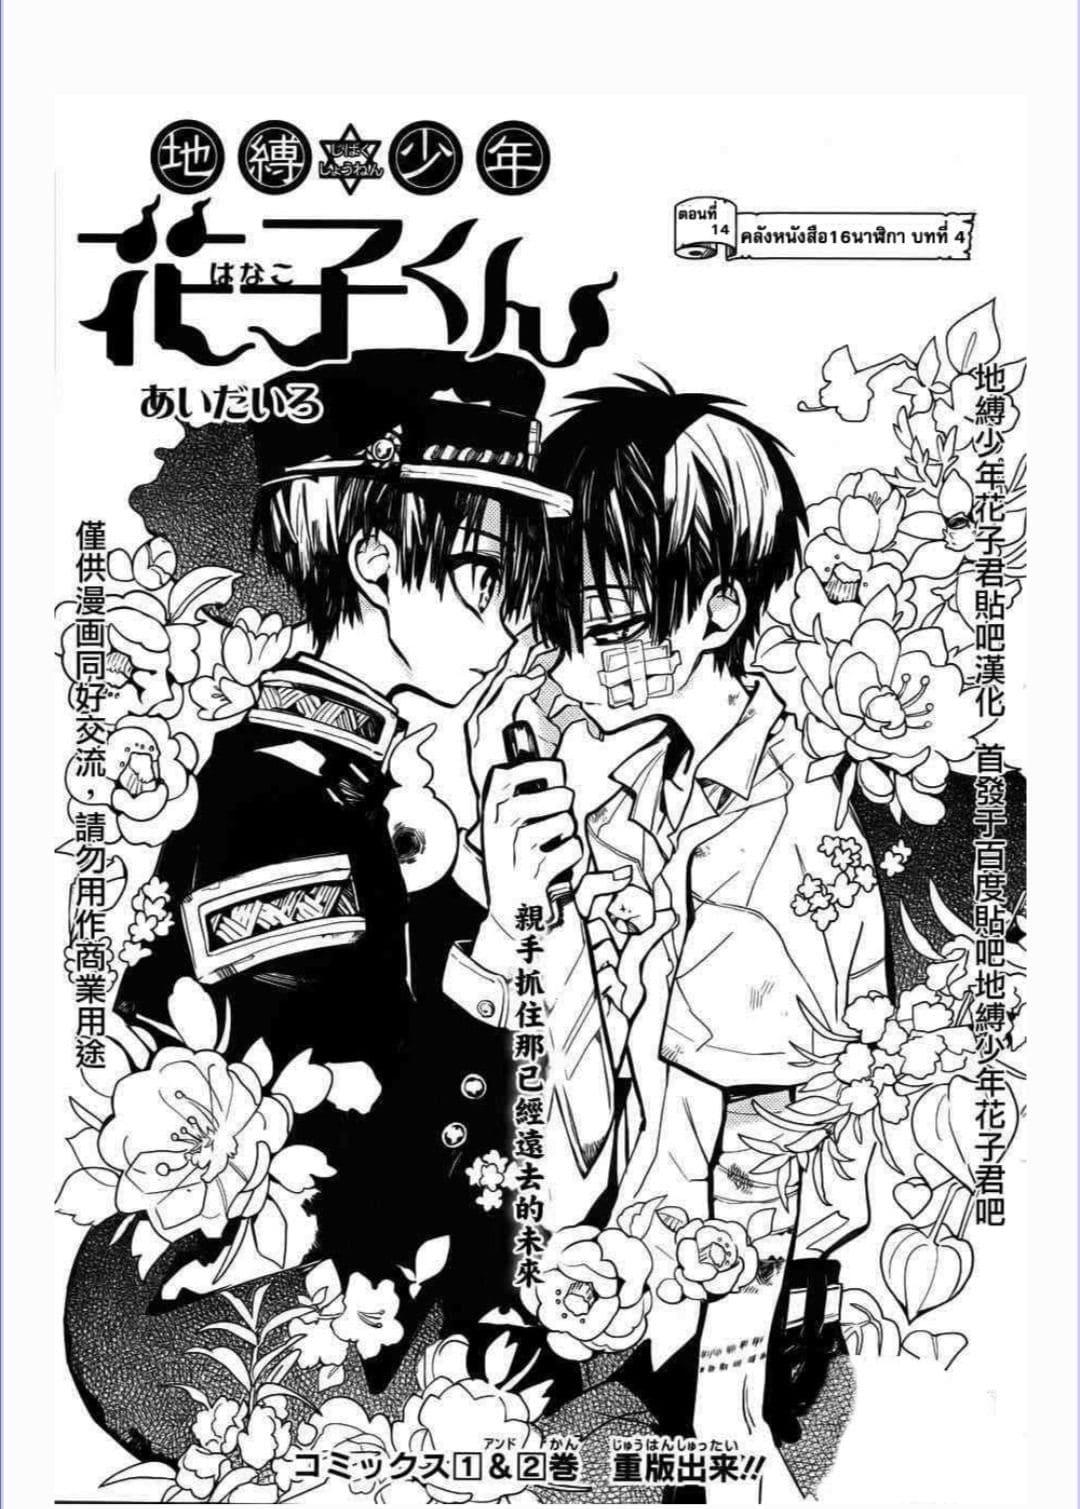 โปรดอ่านให้จบ - ตอนที่1 ฮานาโกะยังมีชีวิต